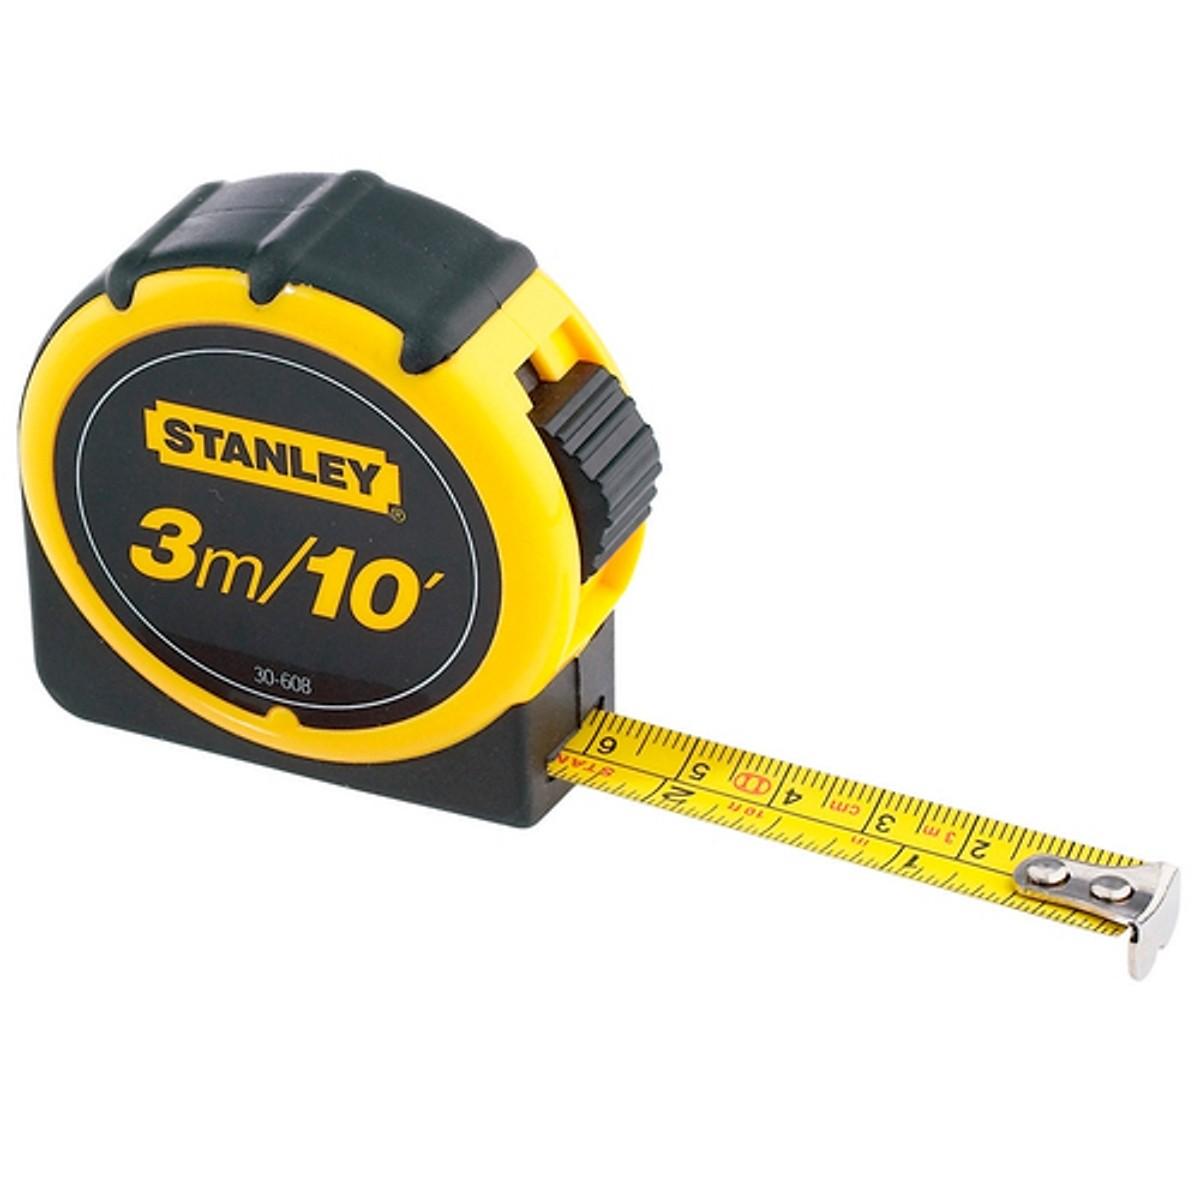 Thước cuộn 3m Stanley 30-608L 30-608L Stanley | Giá rẻ nhất - Công Ty TNHH Thương Mại Dịch Vụ Đạt Tâm